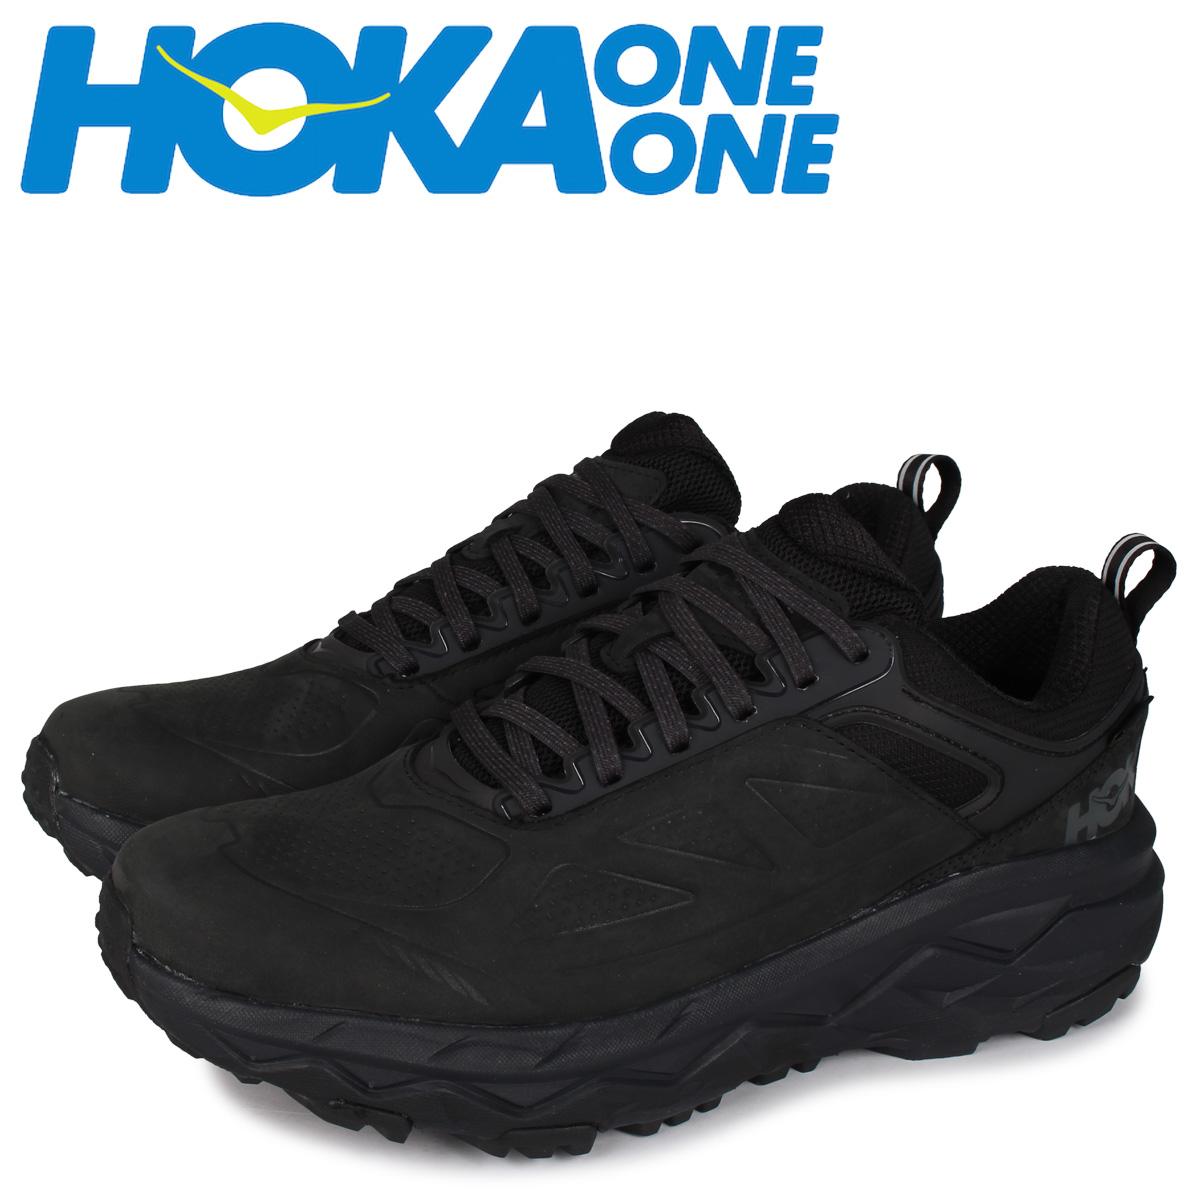 ホカオネオネ HOKA ONE ONE チャレンジャー スニーカー メンズ 防水 厚底 CHALLENGER LOW GTX ブラック 黒 1106517 [5/29 新入荷]